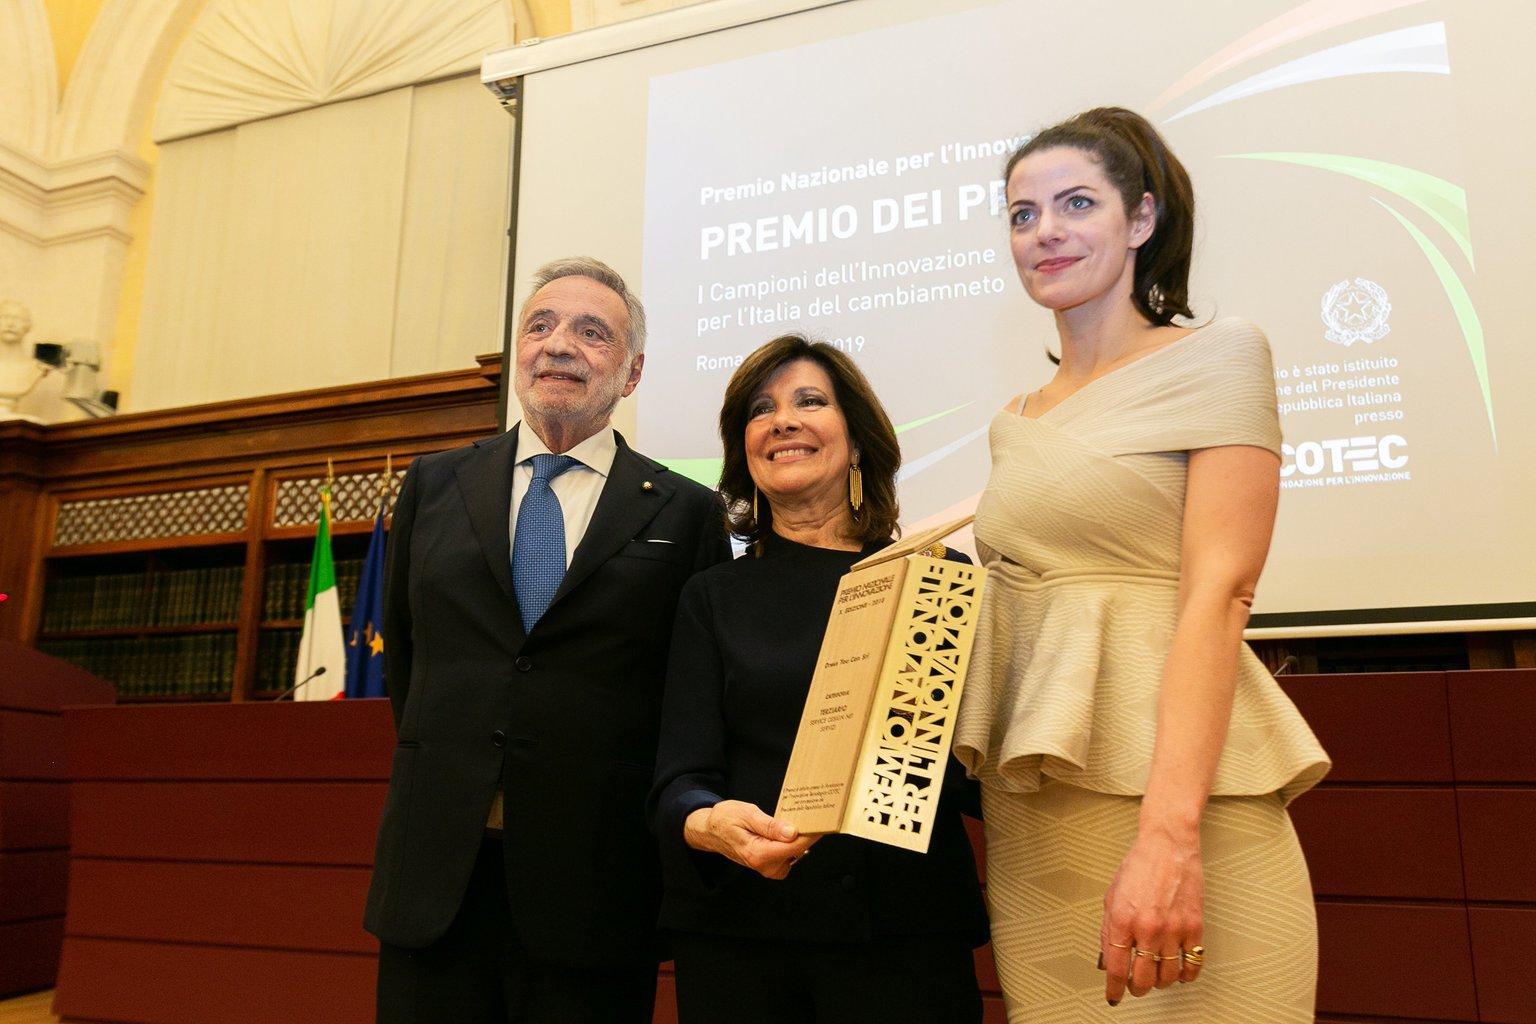 L'armadio virtuale di Dress You Can vince il Premio dei Premi per l'innovazione